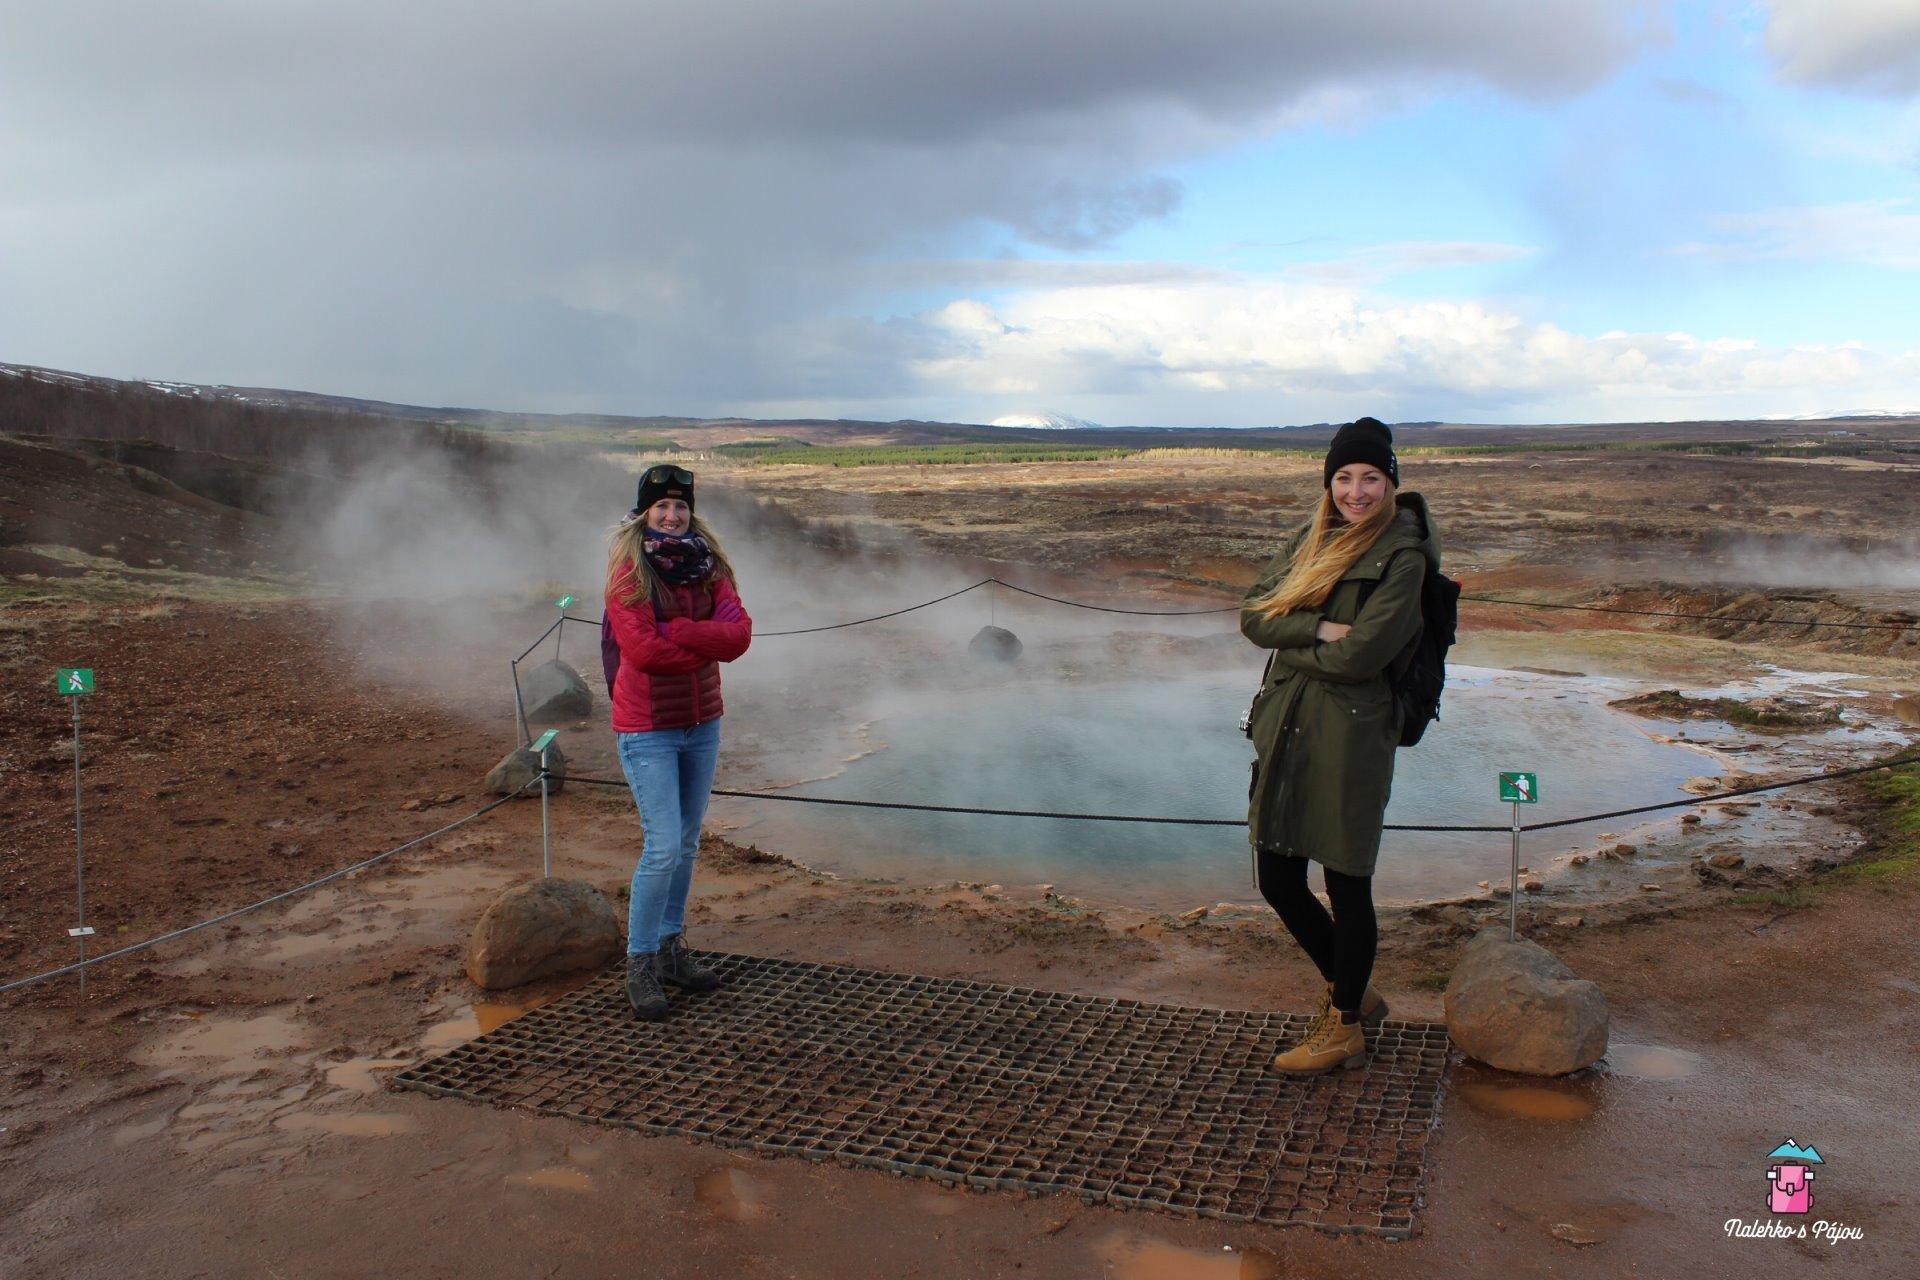 Konungshver, sice nevybuchuje jako Geysir, ale teplota vody je 100 stupňů